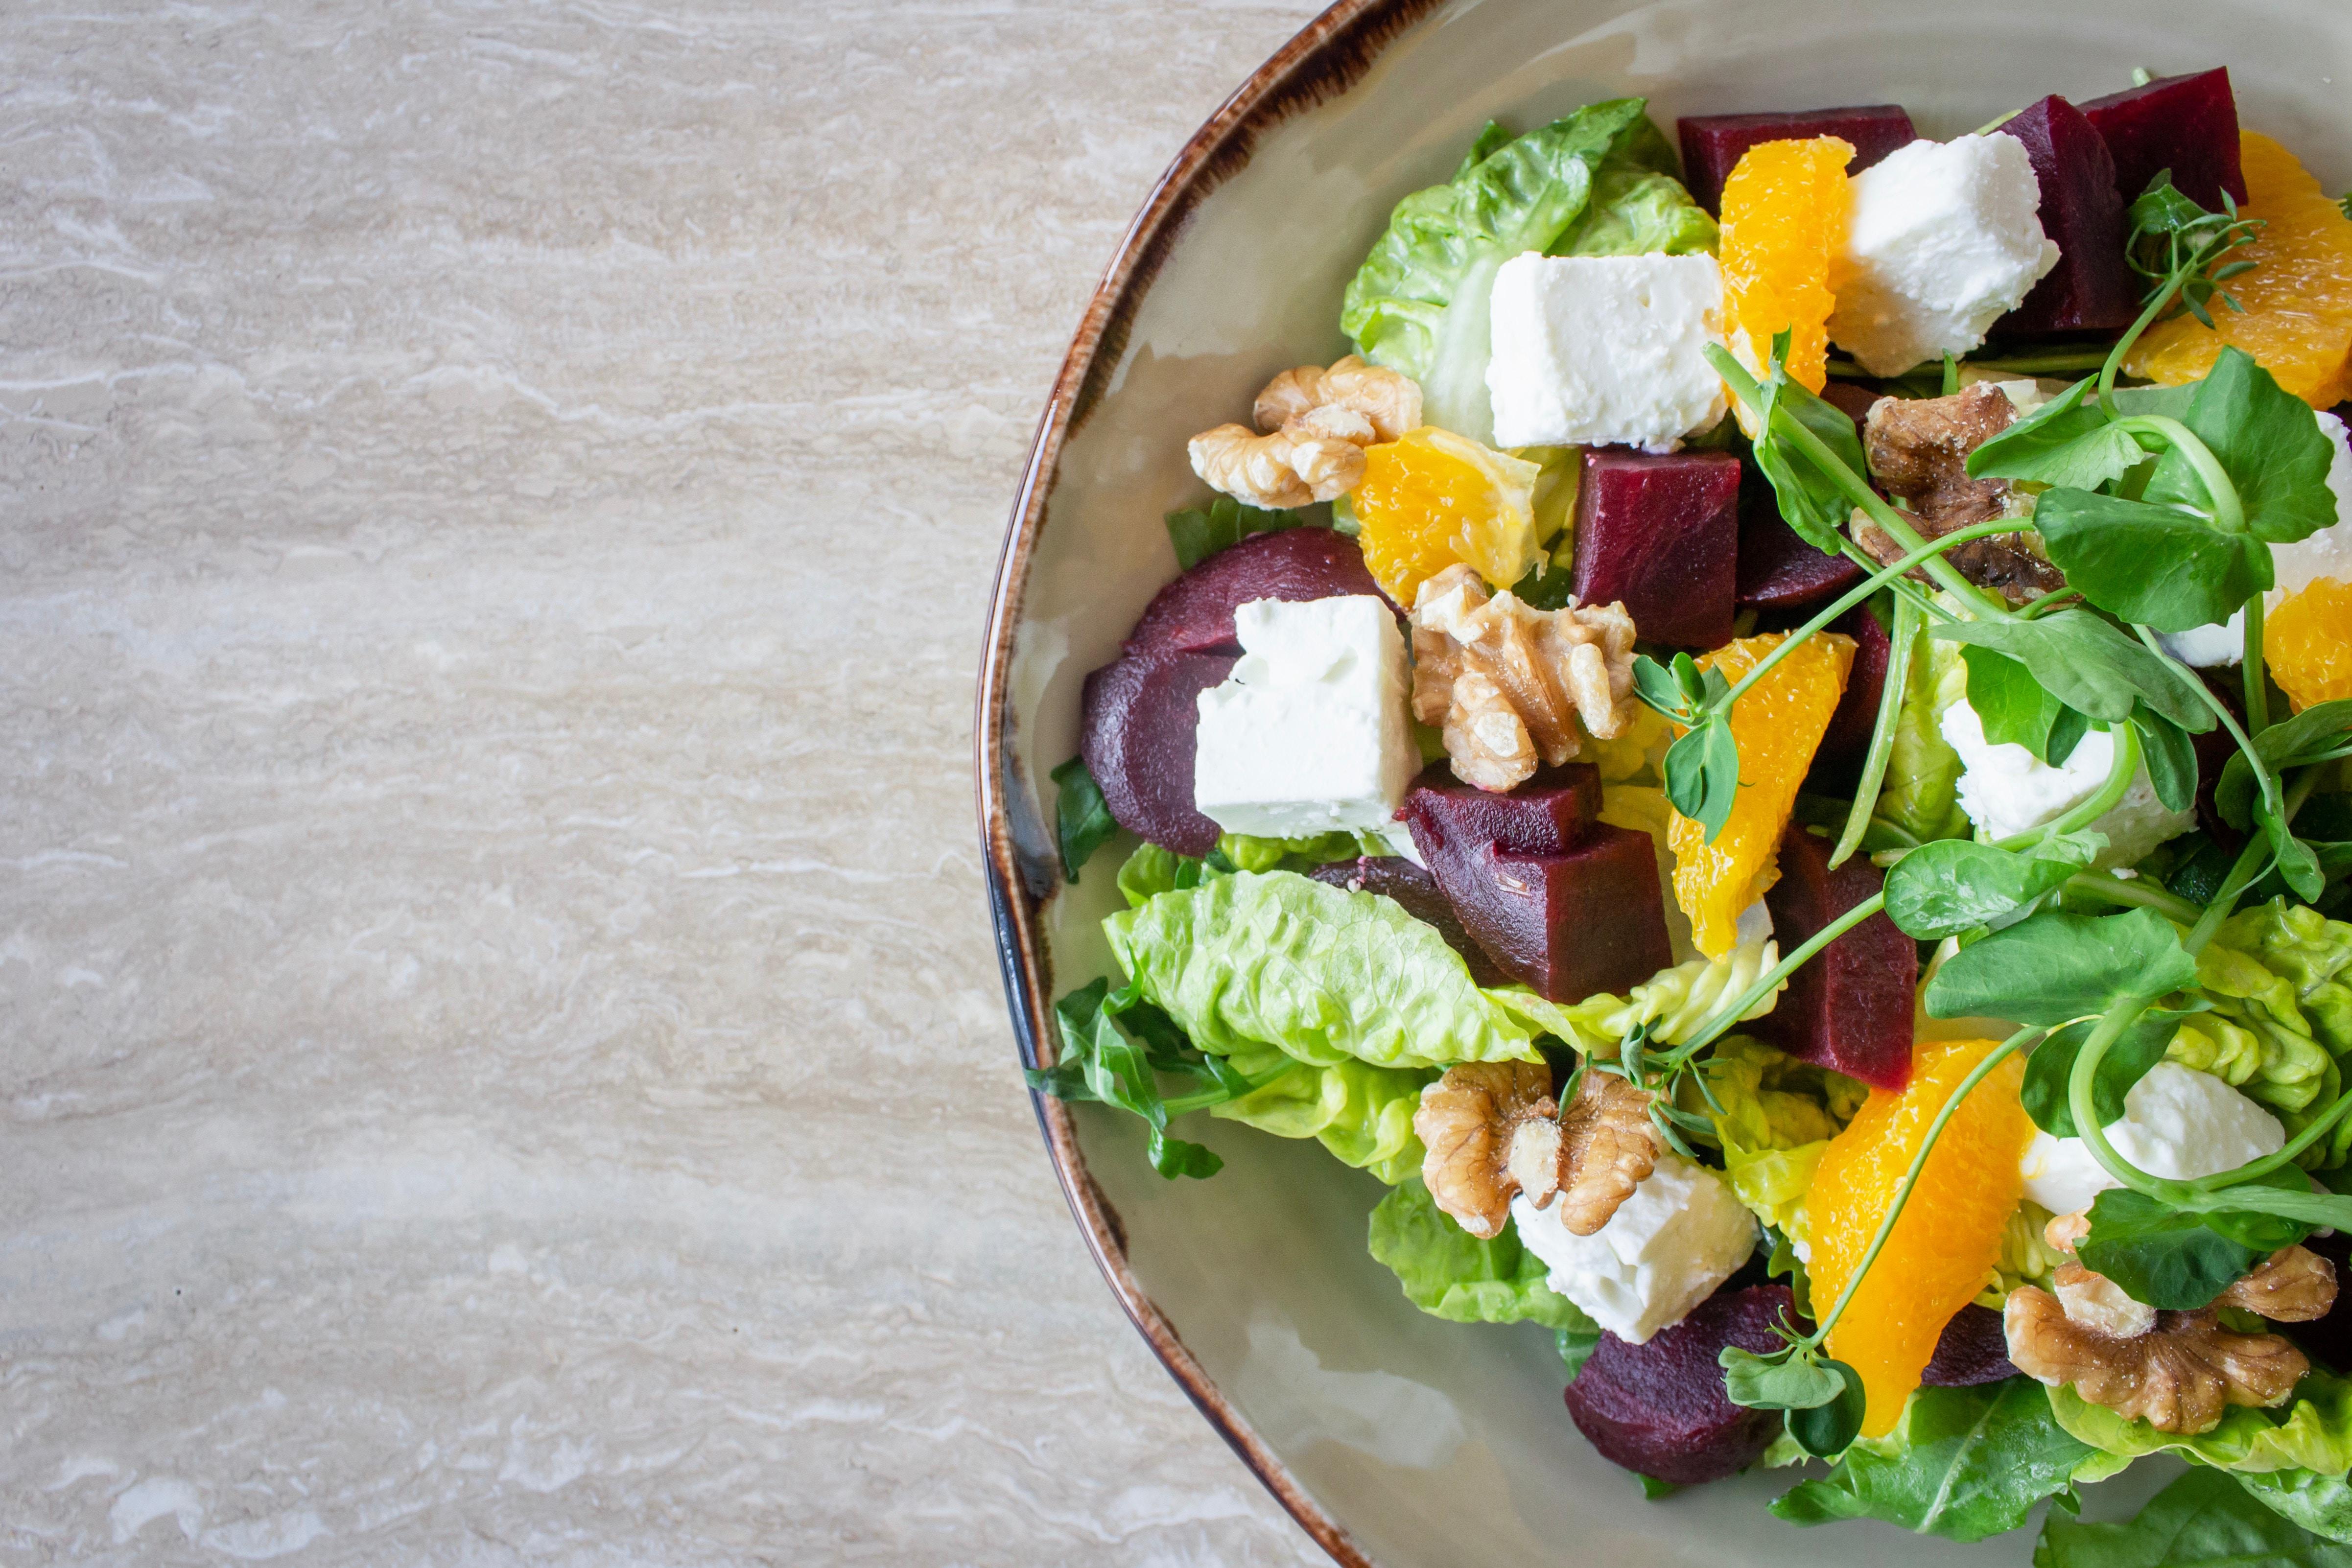 mediterranean food diet health